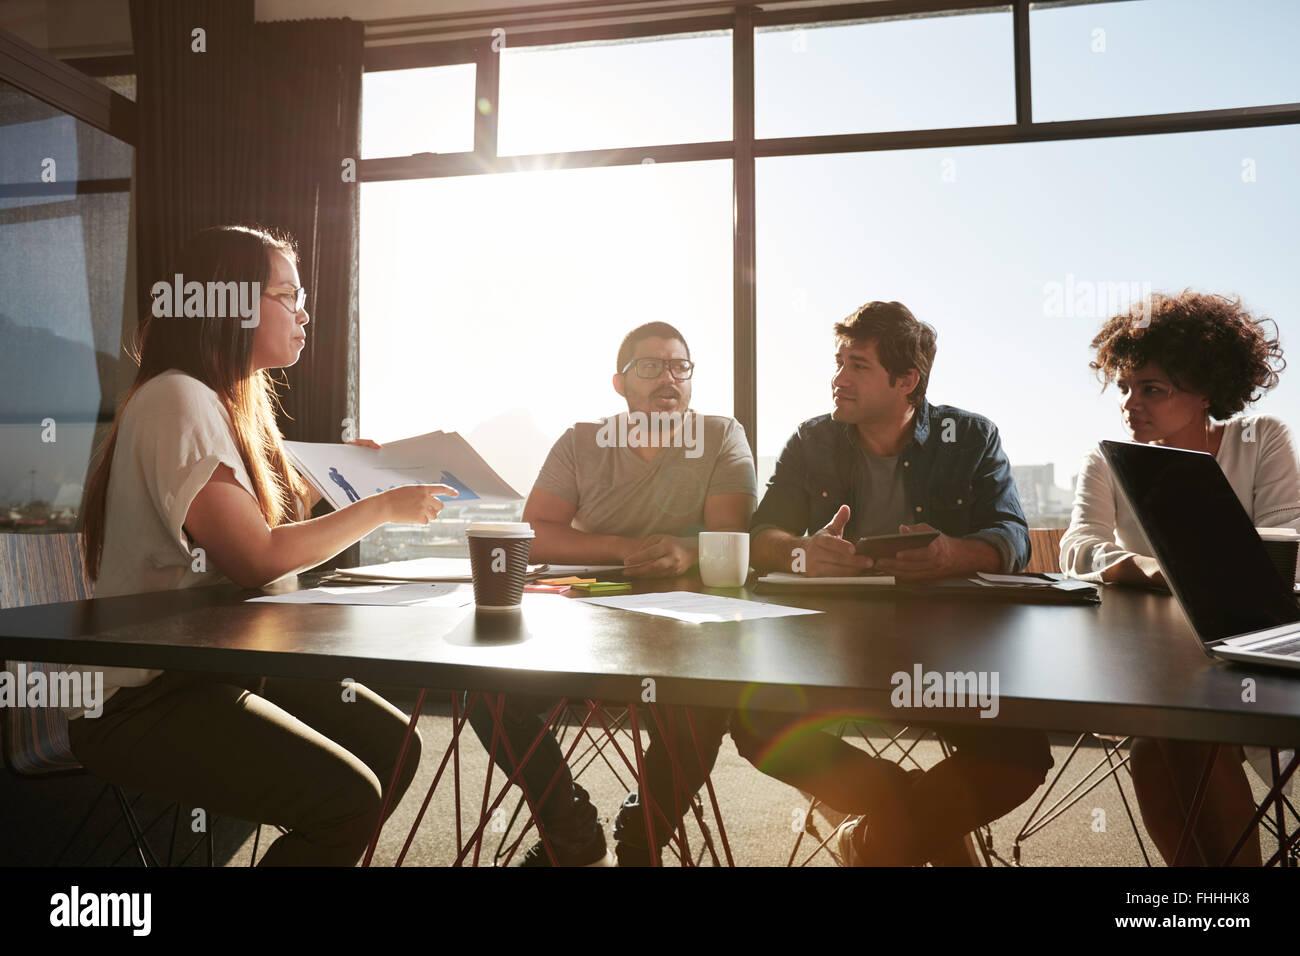 Jeune femme d'affaires consulting nouveaux plans d'affaires avec ses collègues. Les créateurs Photo Stock